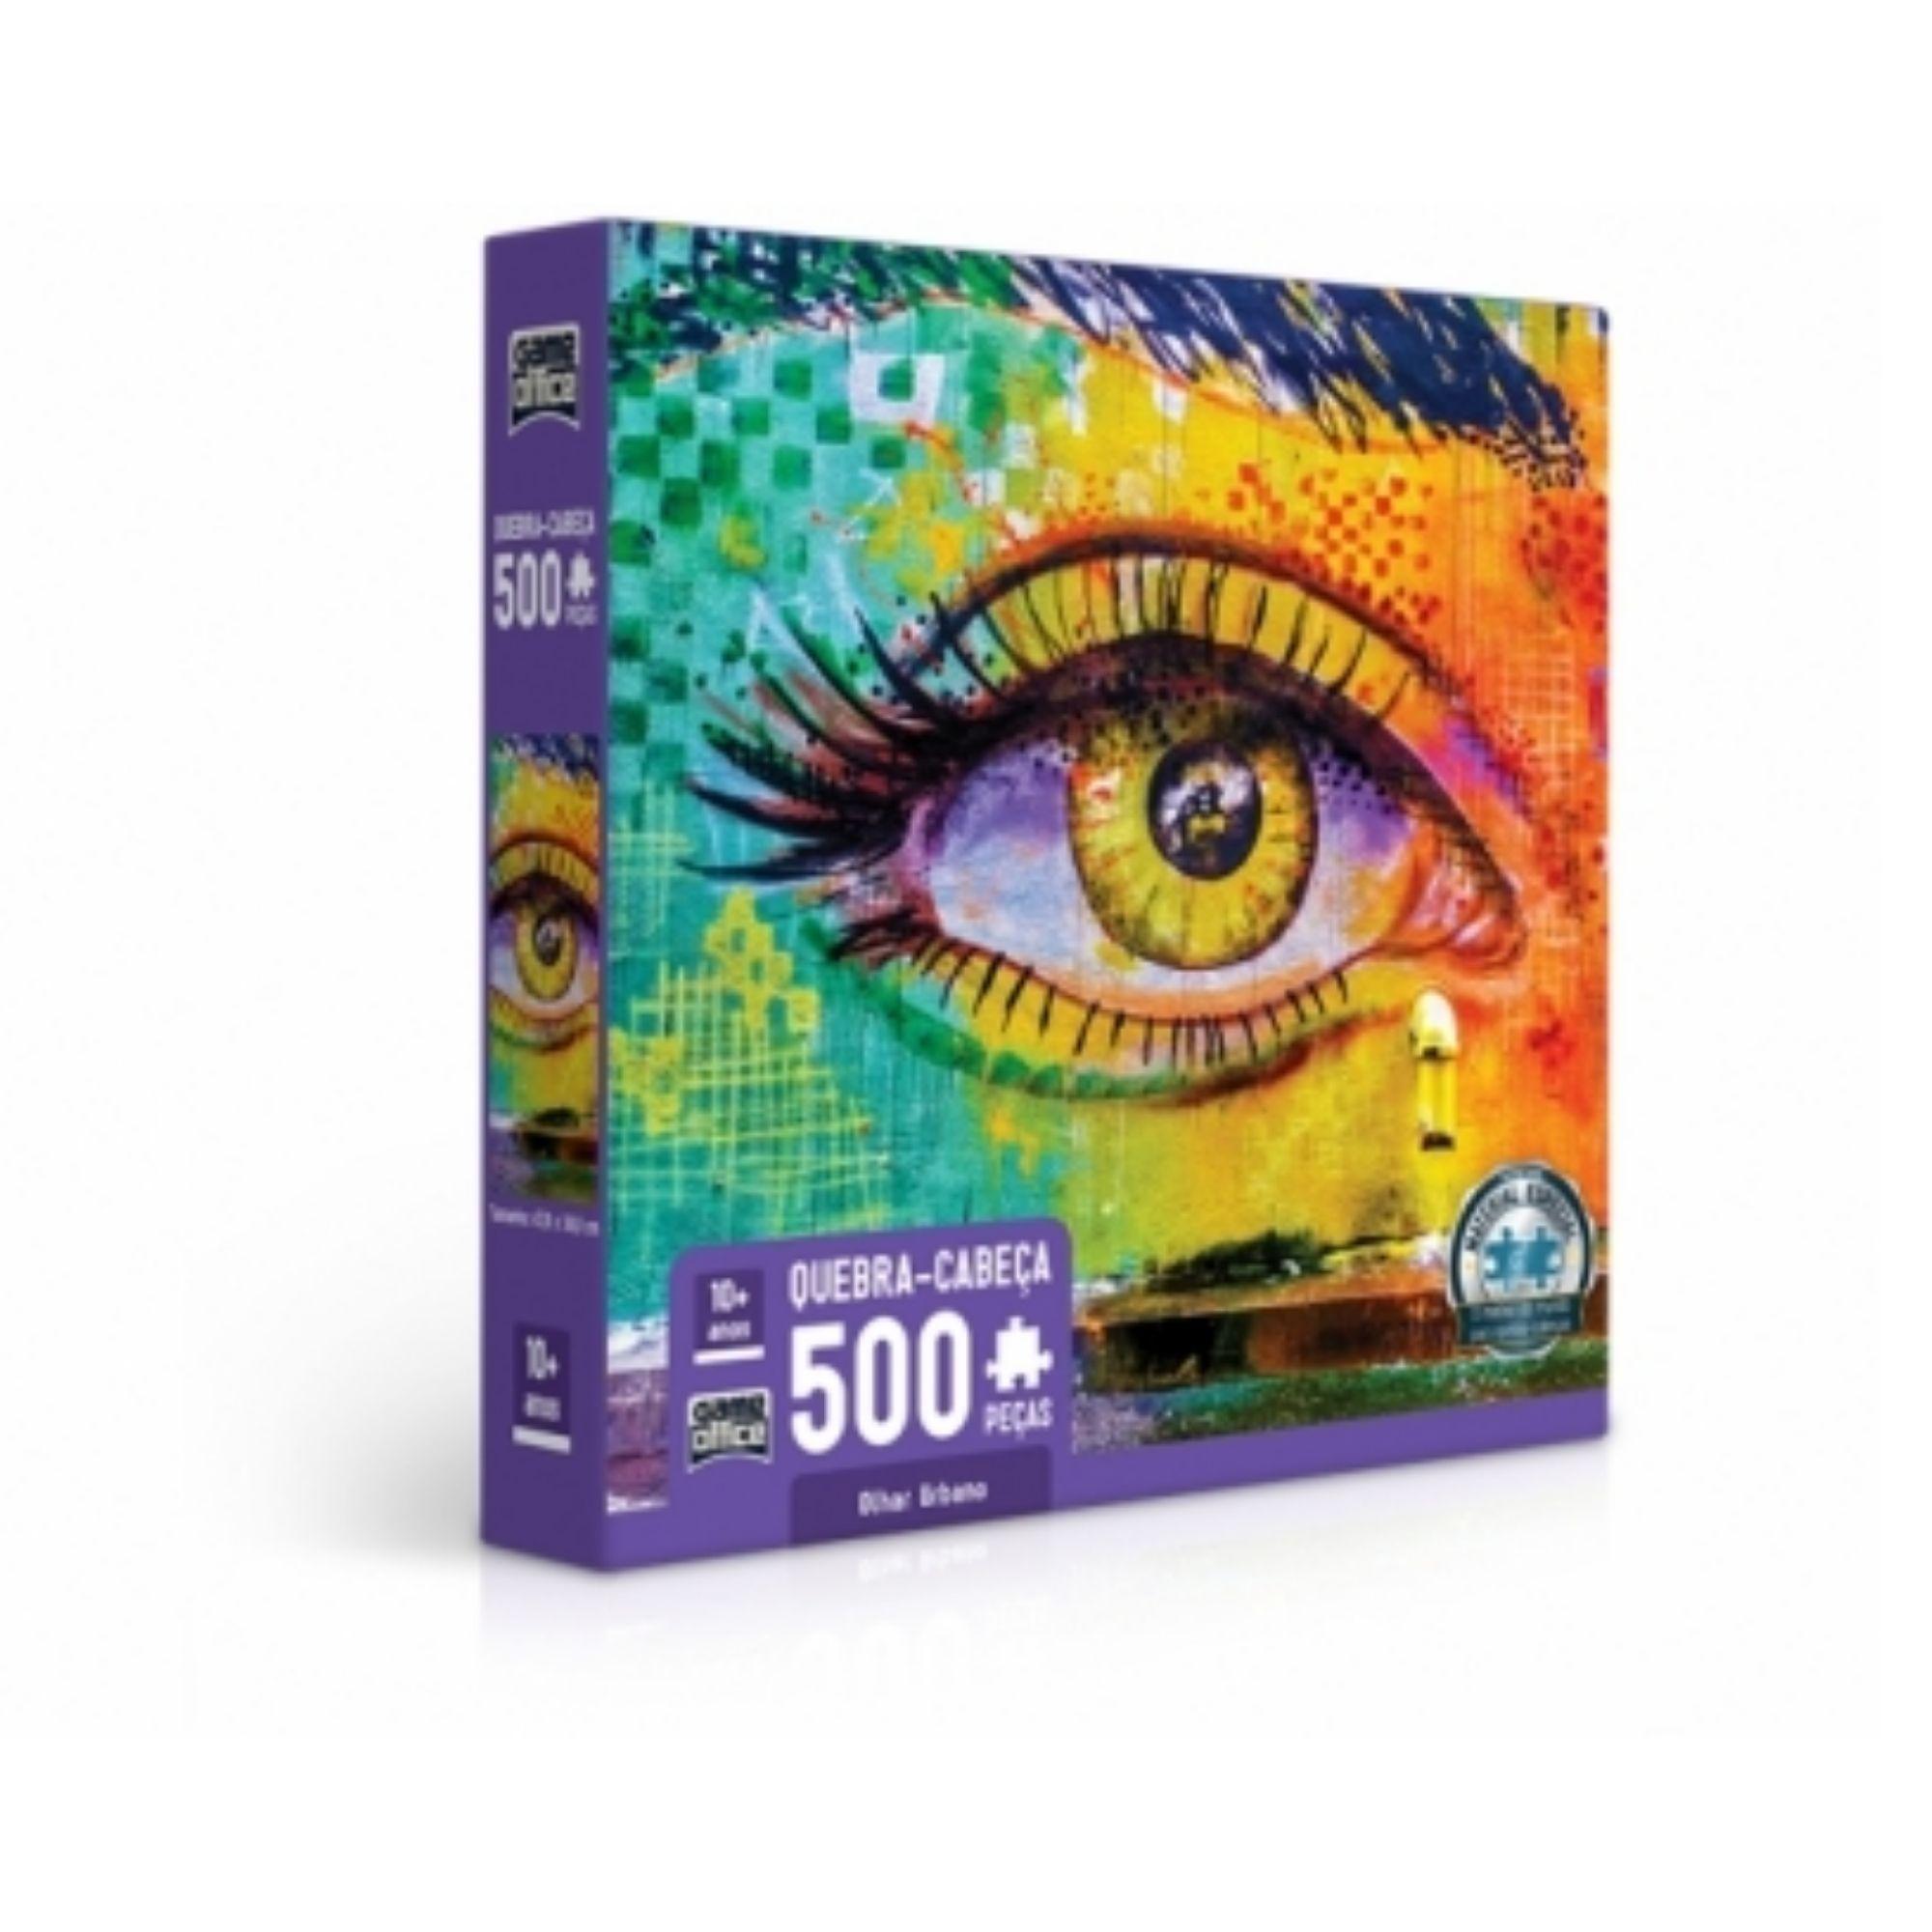 Quebra-cabeça Olhar Urbano - 500 peças - Game Office